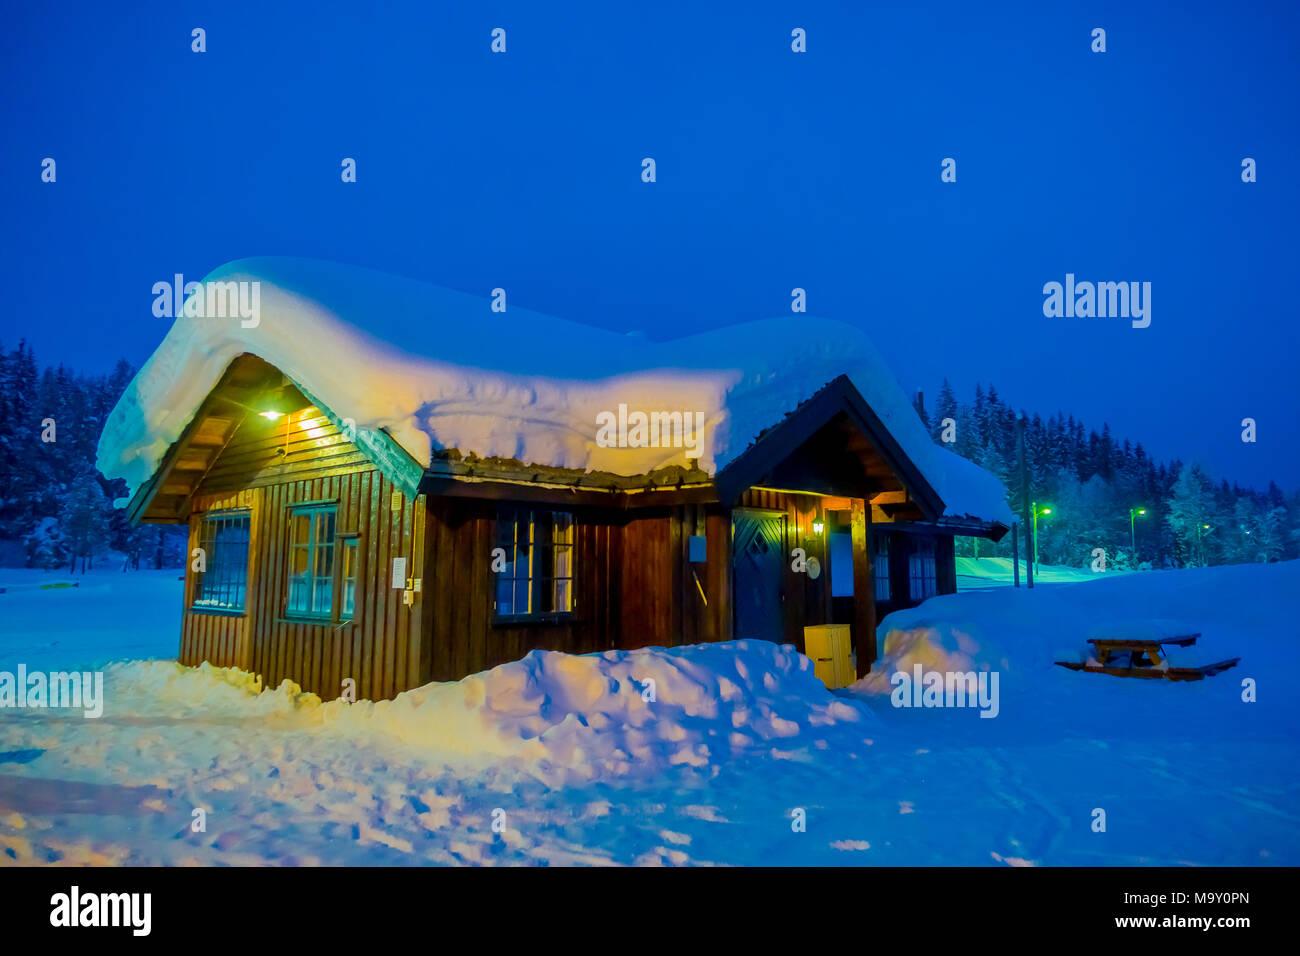 Tolle nacht blick auf traditionelle holzh user mit schnee for Tolle hauser